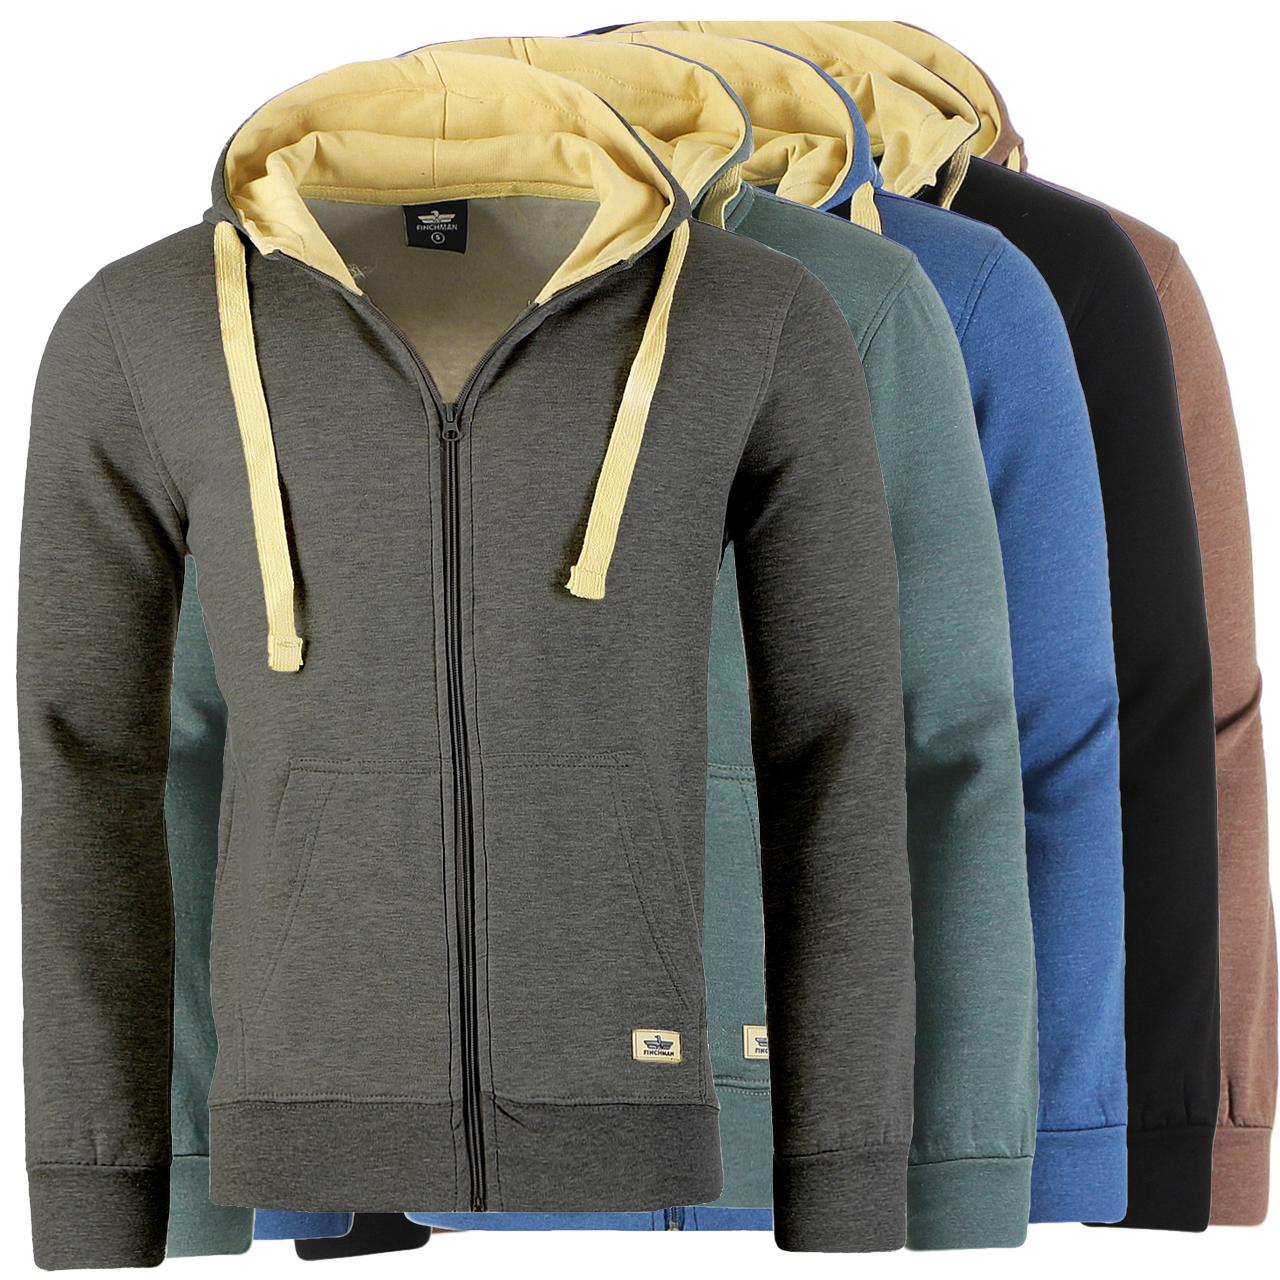 finchman herren jacke sweatshirt hoodie full zip kapuzen. Black Bedroom Furniture Sets. Home Design Ideas